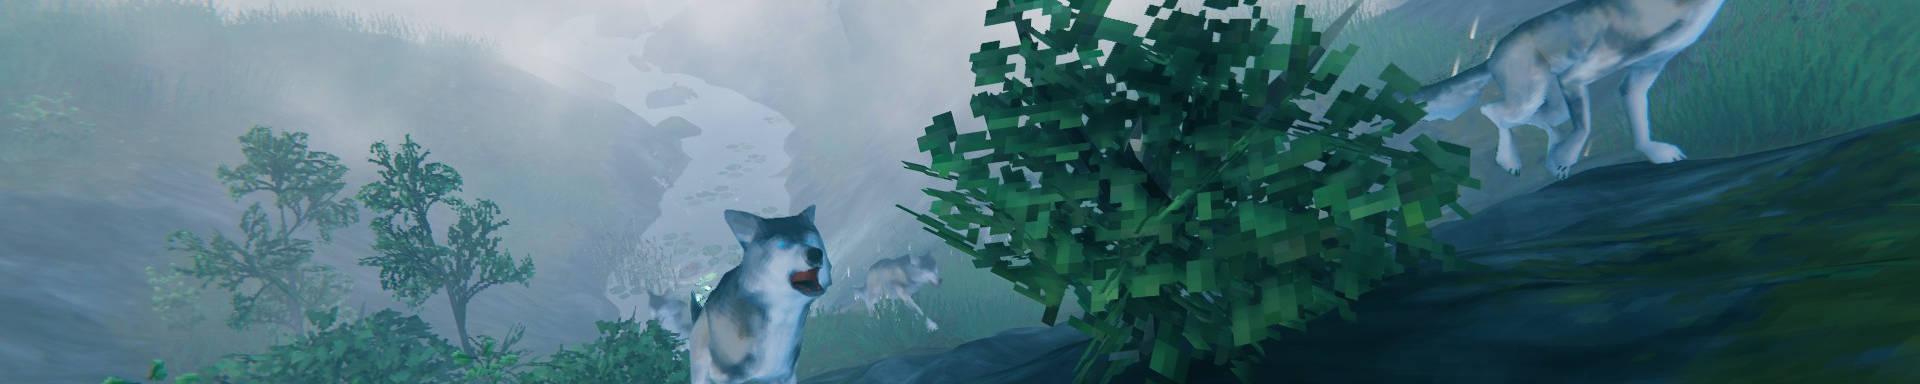 Valheim The Forest bewegt Base Raids Guide Wolves